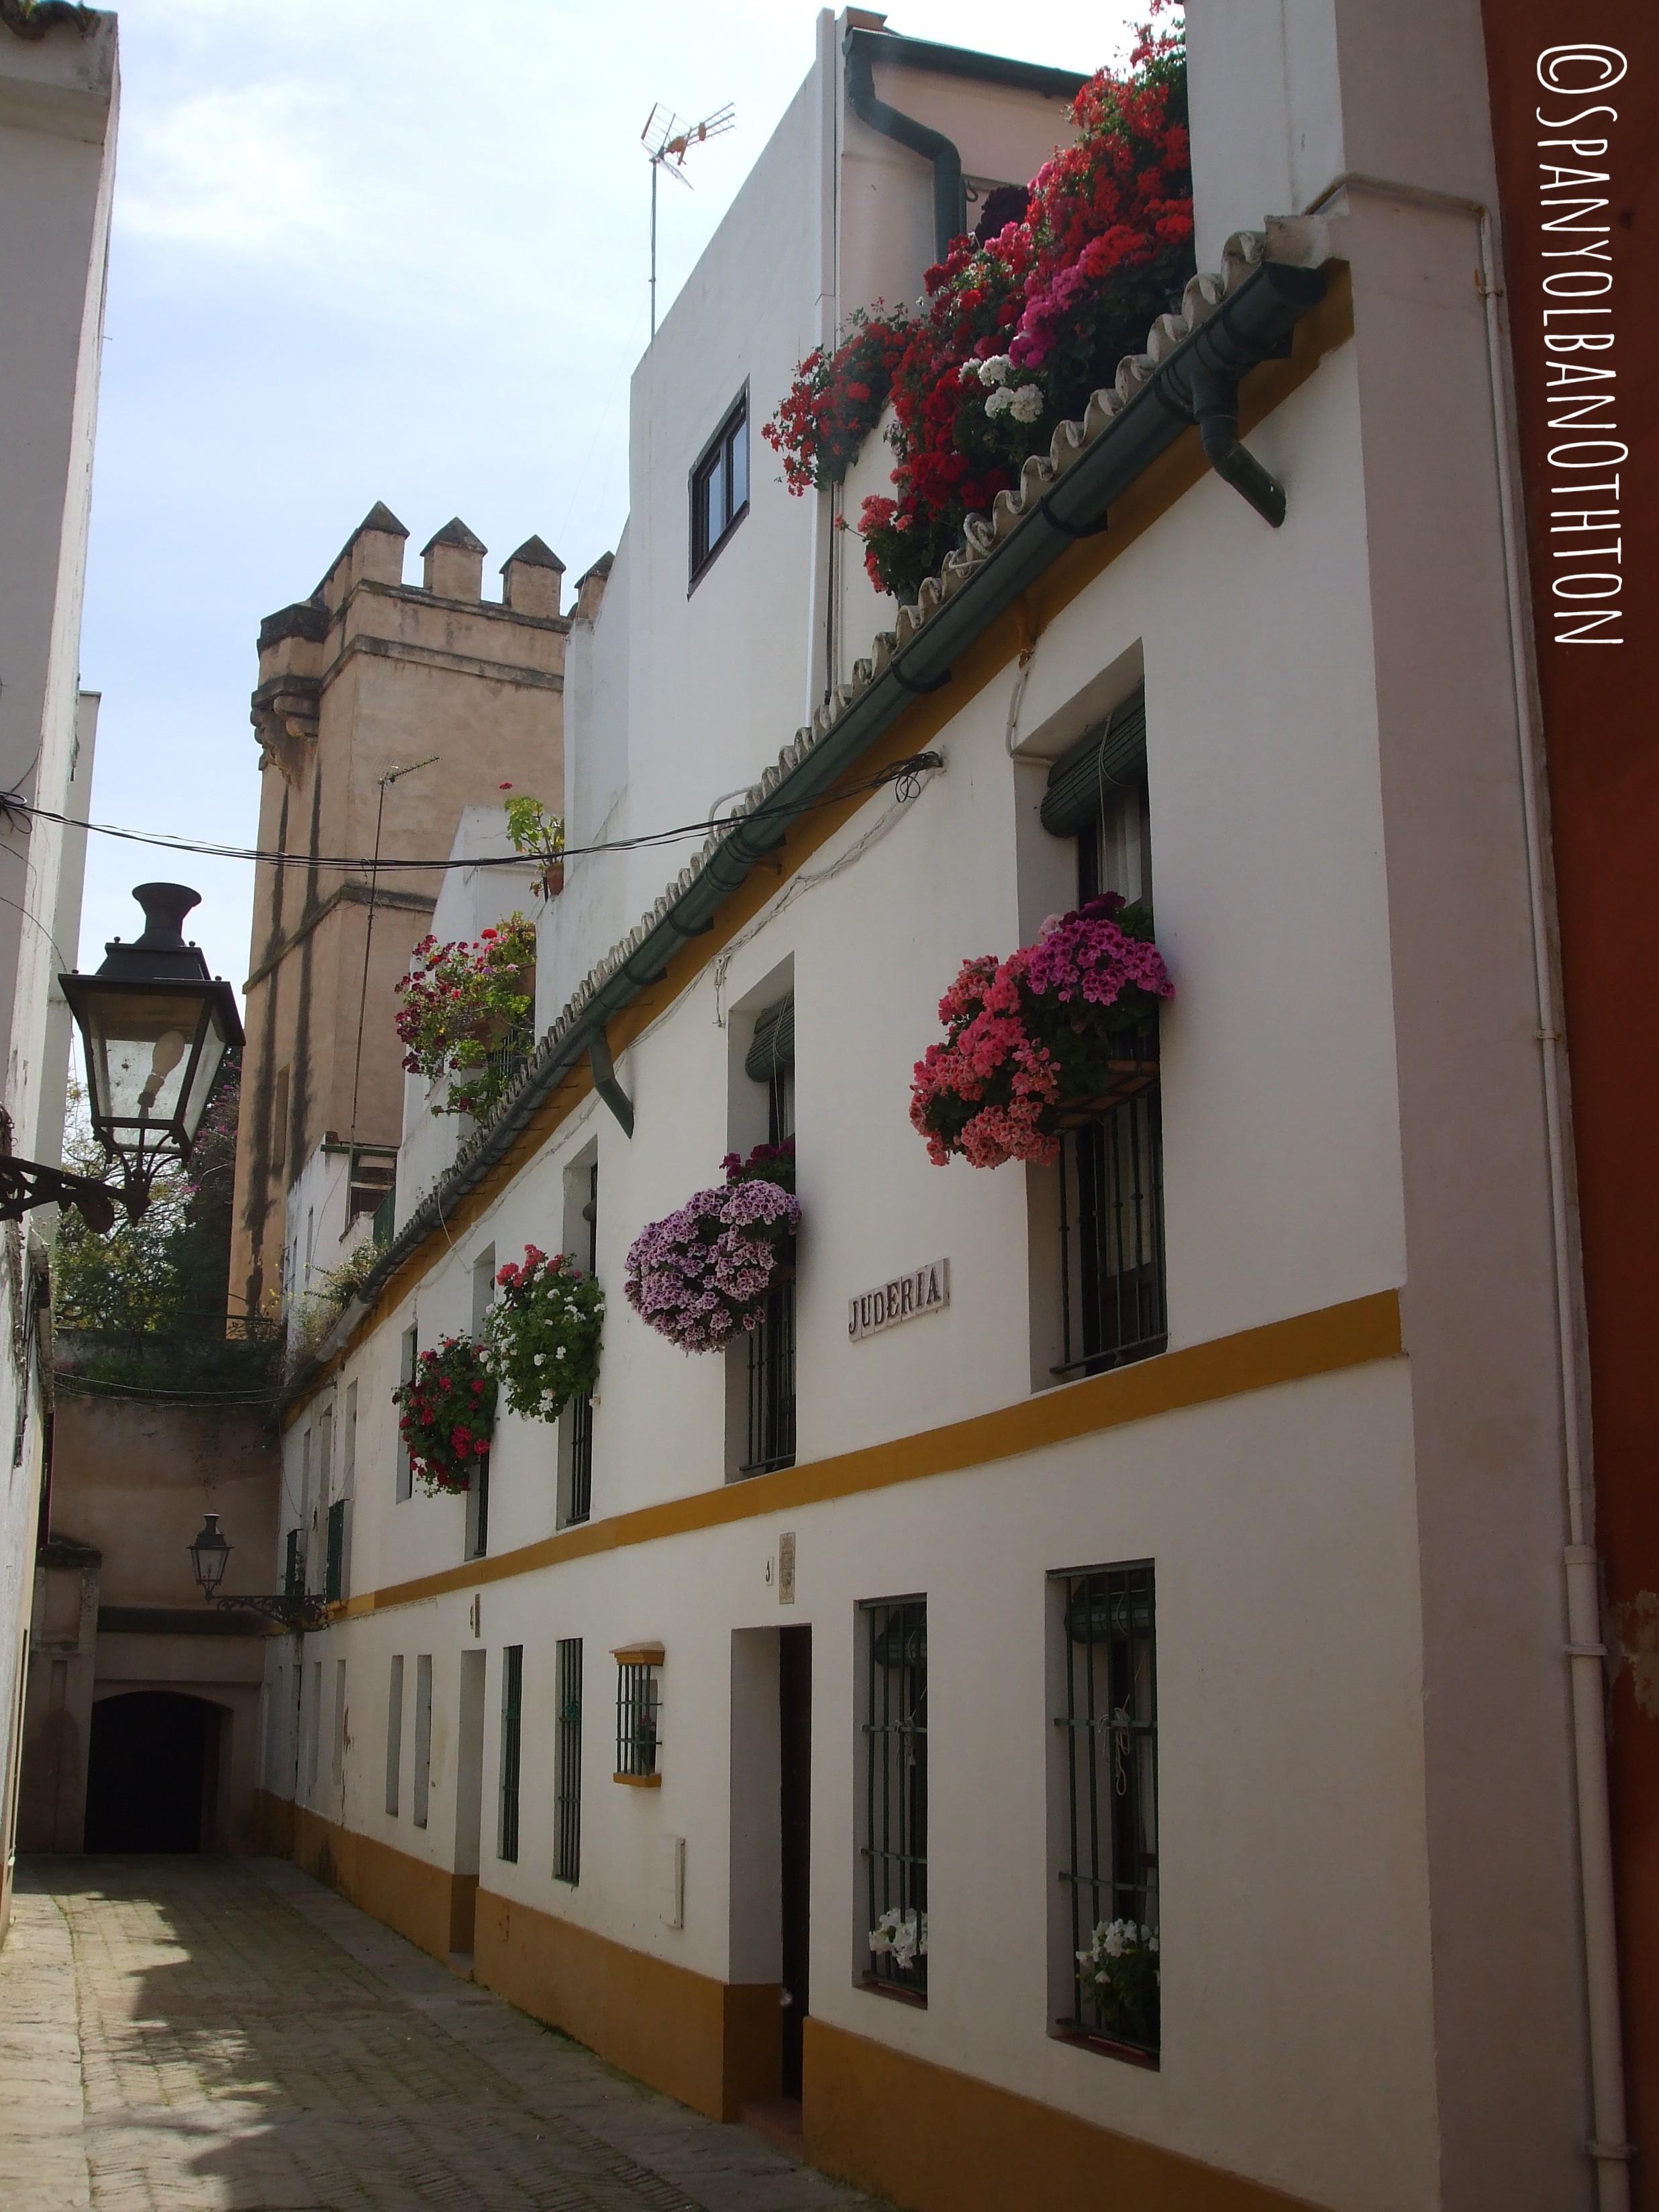 sevilla_latnivalok_spanyolban_otthon_4.jpg